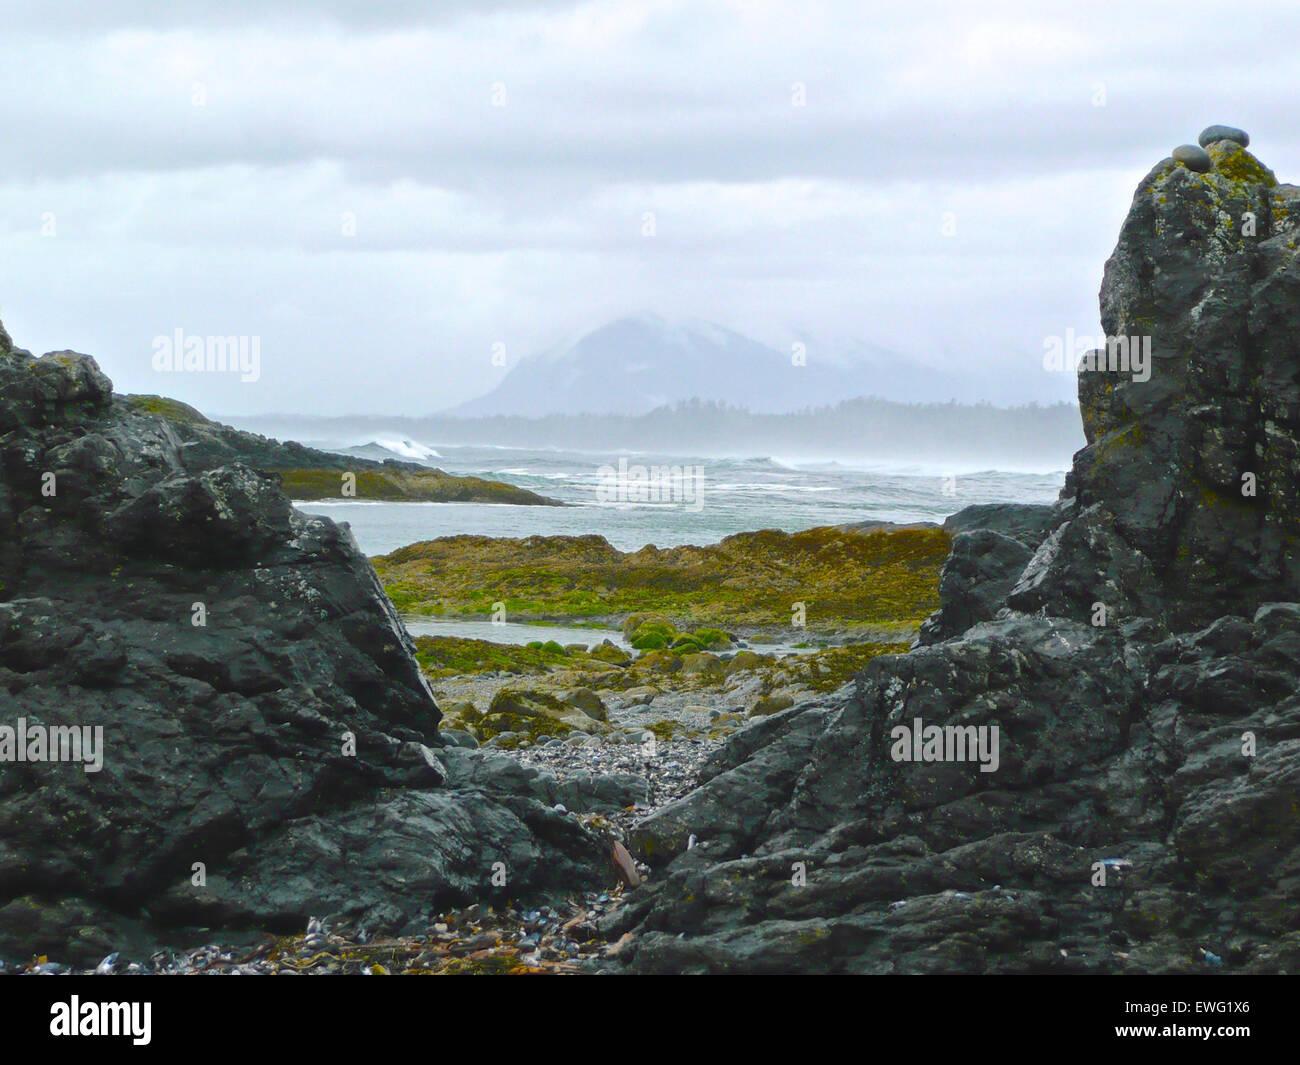 Rocky Shore of Tumultuous Sea - Stock Image